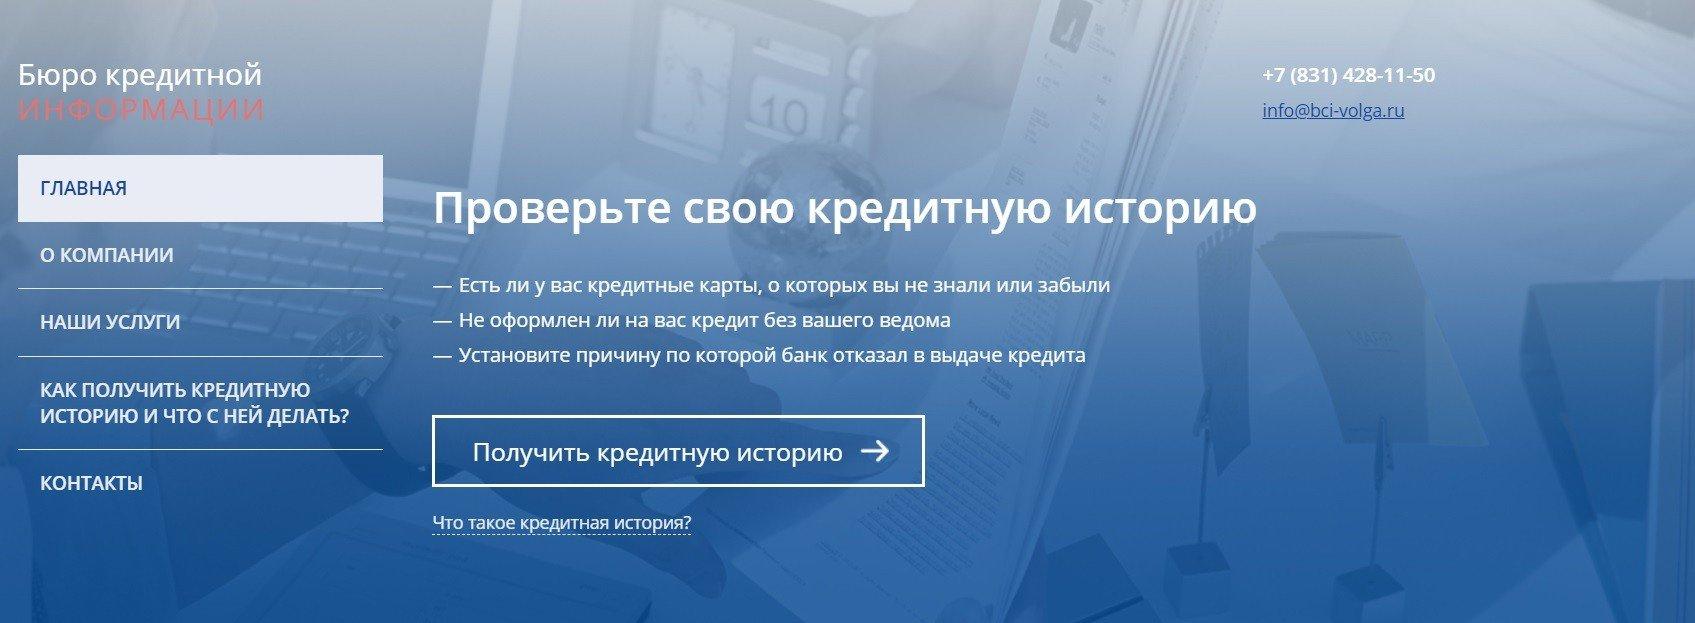 бюро кредитной информации